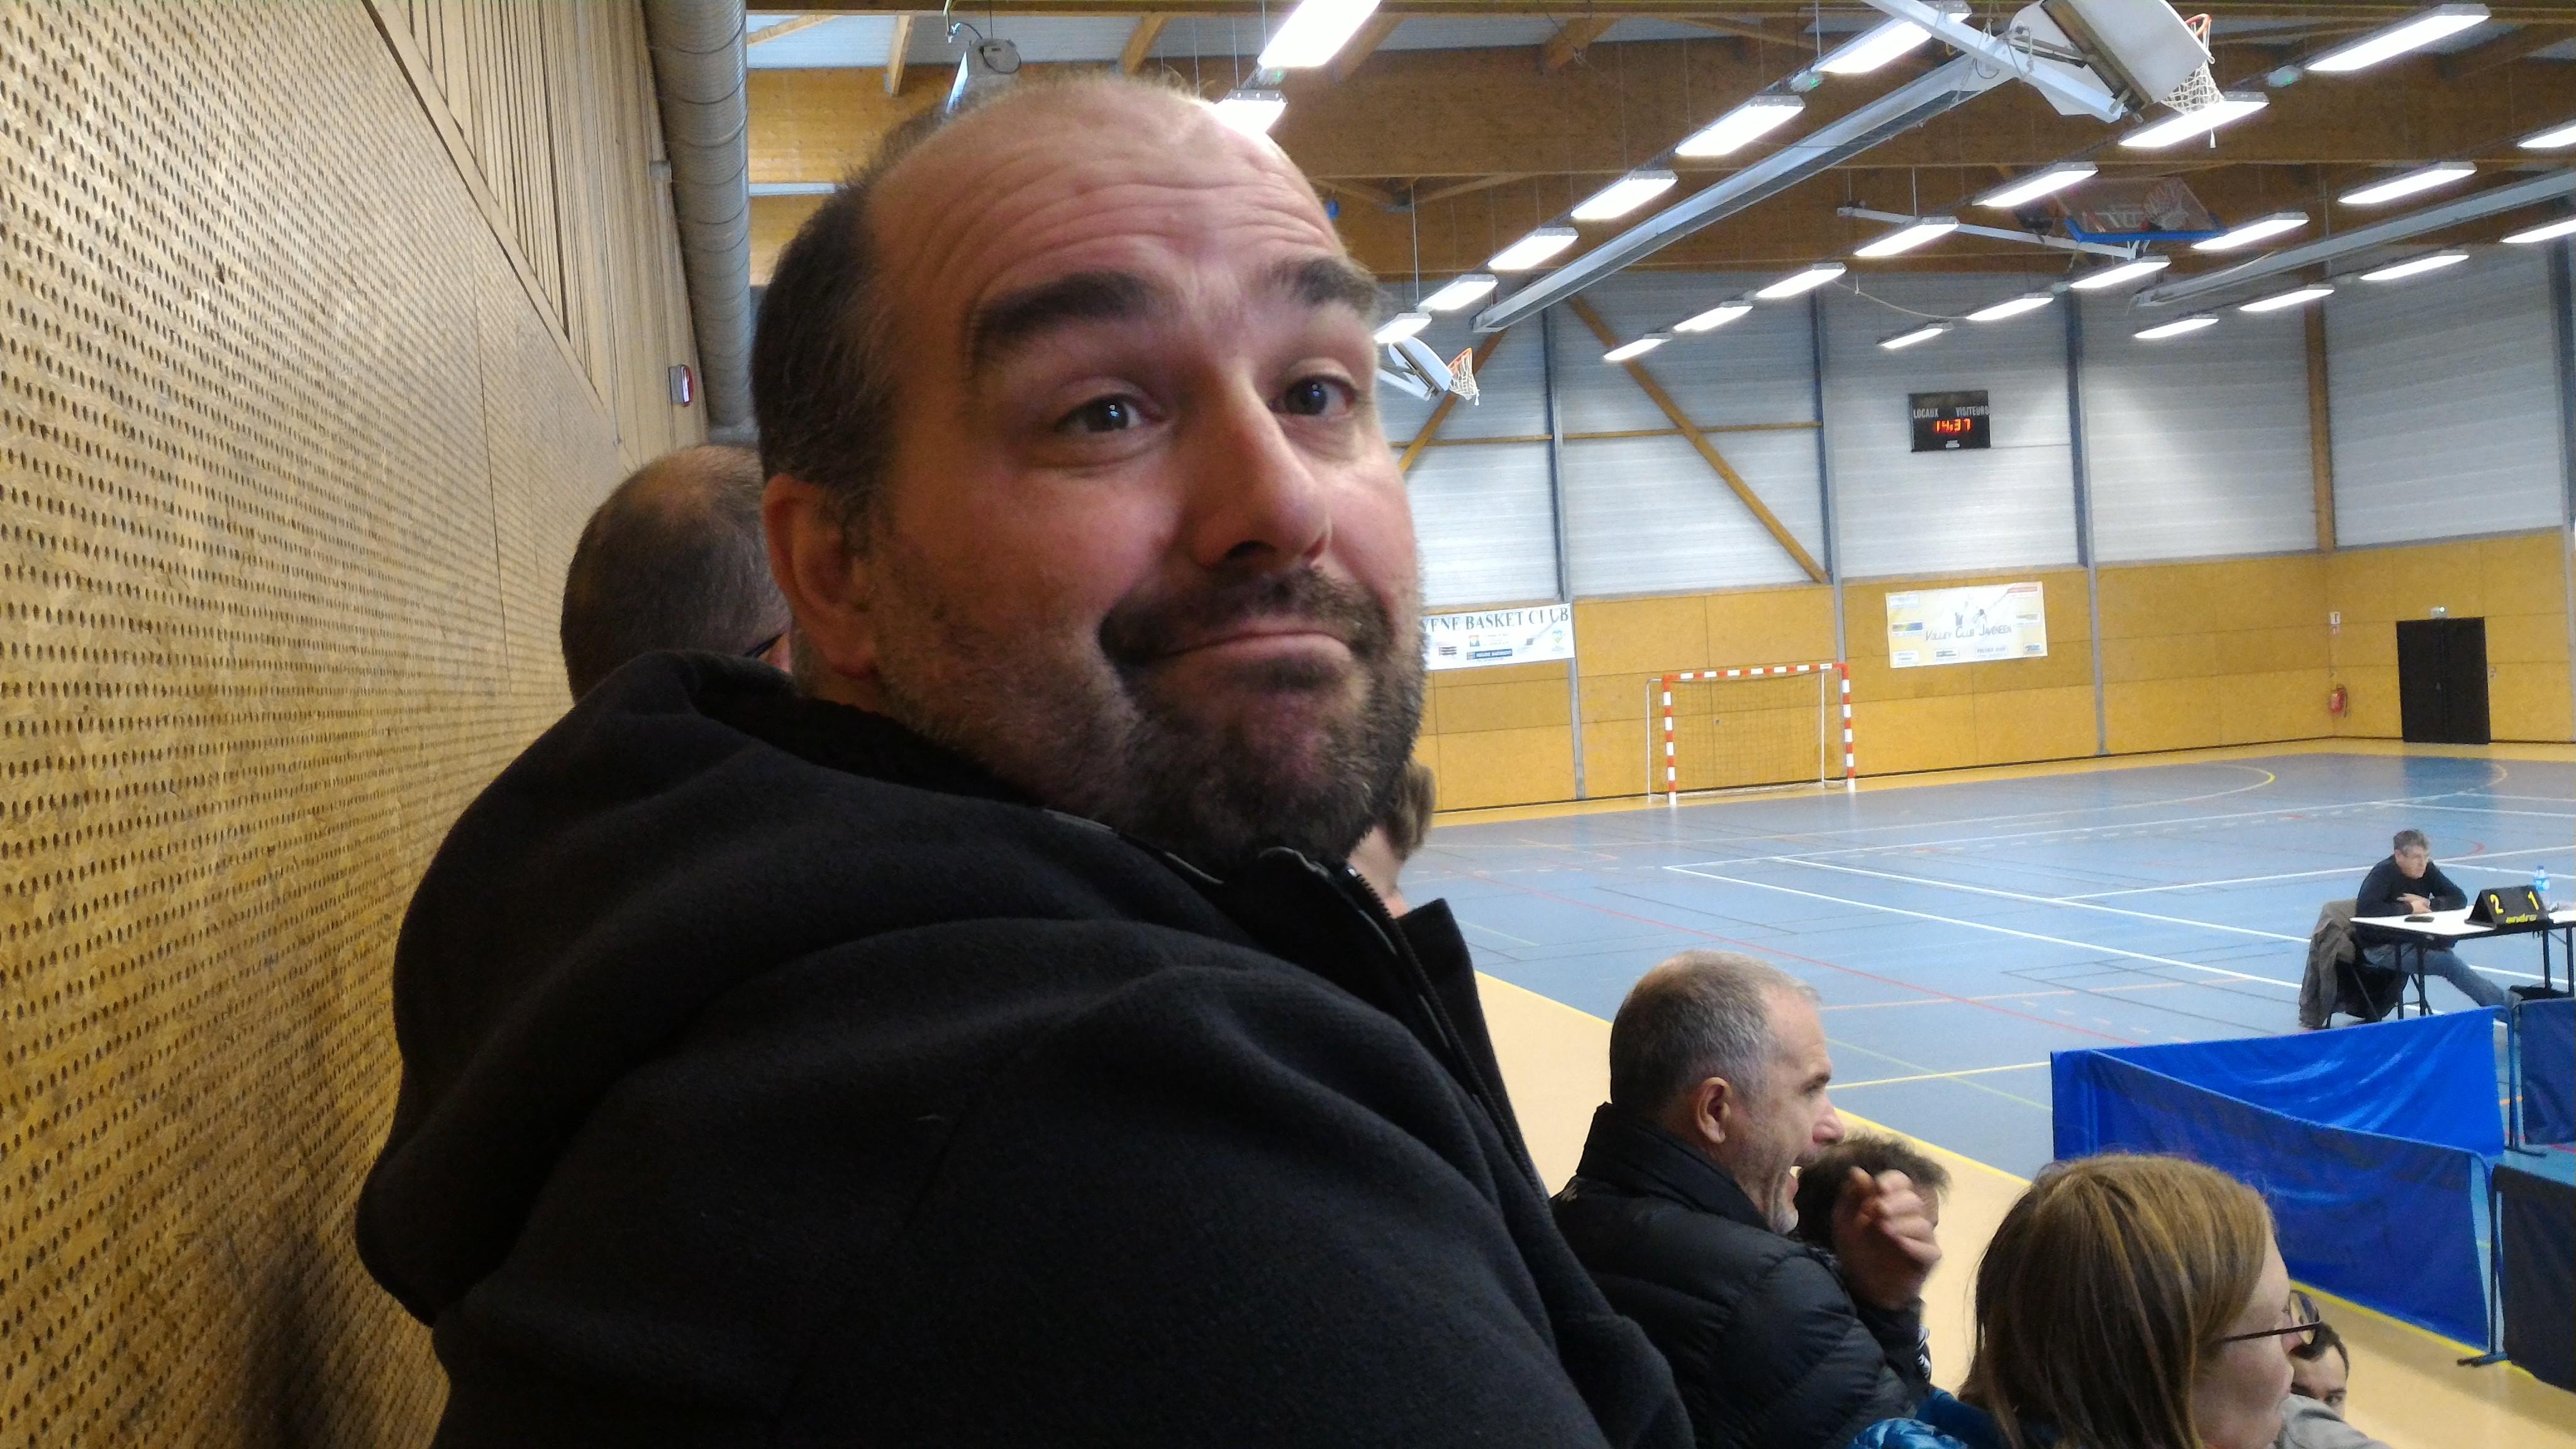 Partenariat avec la section sportive du coll ge sainte - Comite d ille et vilaine de tennis de table ...